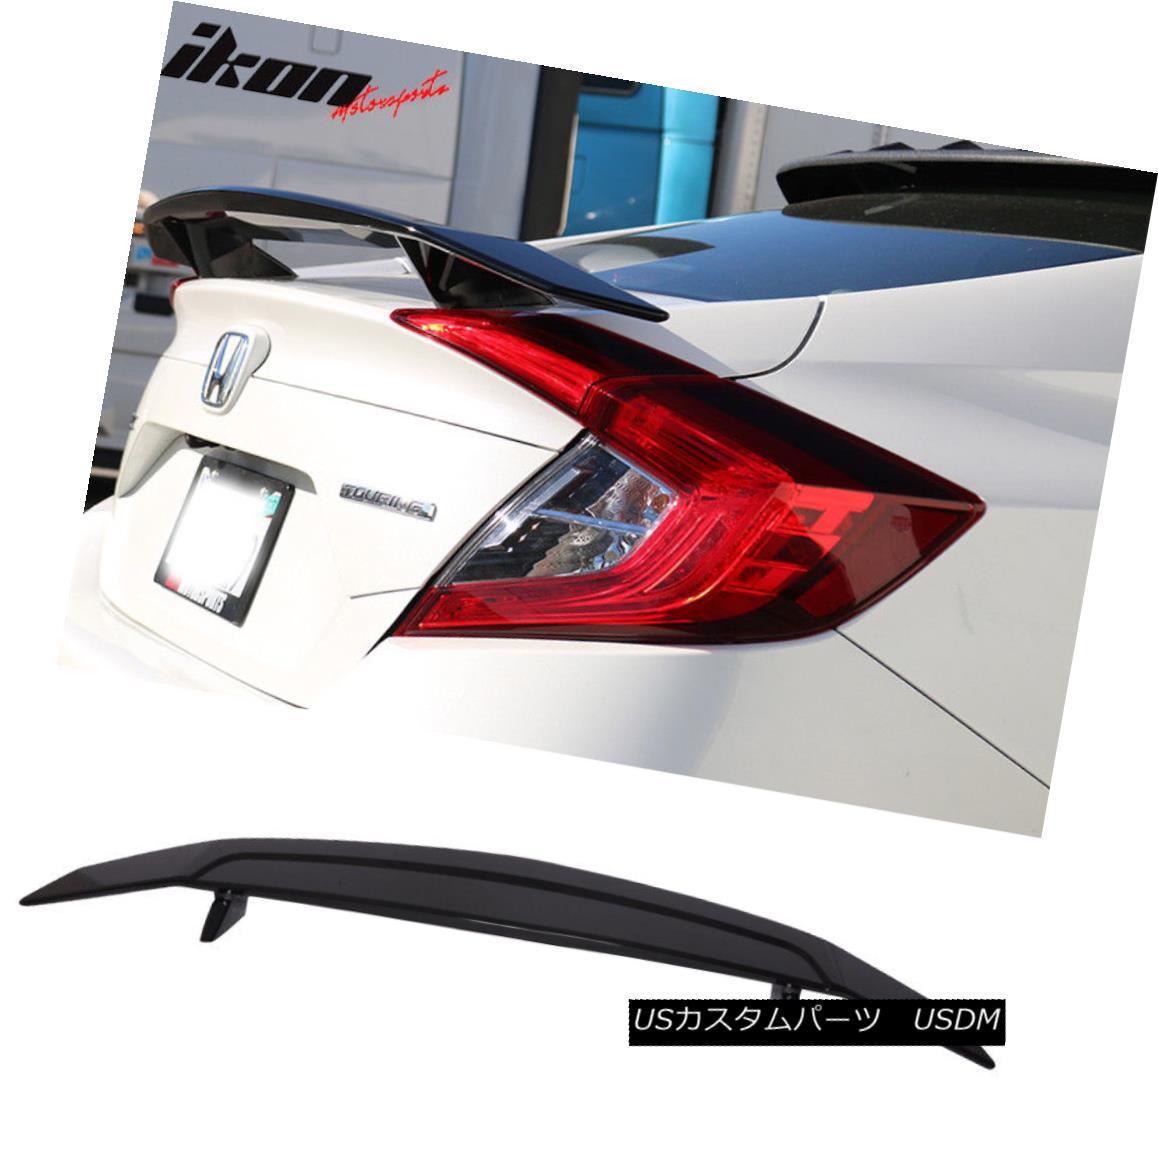 エアロパーツ Fits 99-05 Mazda Miata Convertible Ikon Type A Trunk Spoiler Wing-Glossy Black フィット99-05マツダMiataコンバーチブルIkonタイプAトランク・スポイラーウイング・グロッシー・ブラック